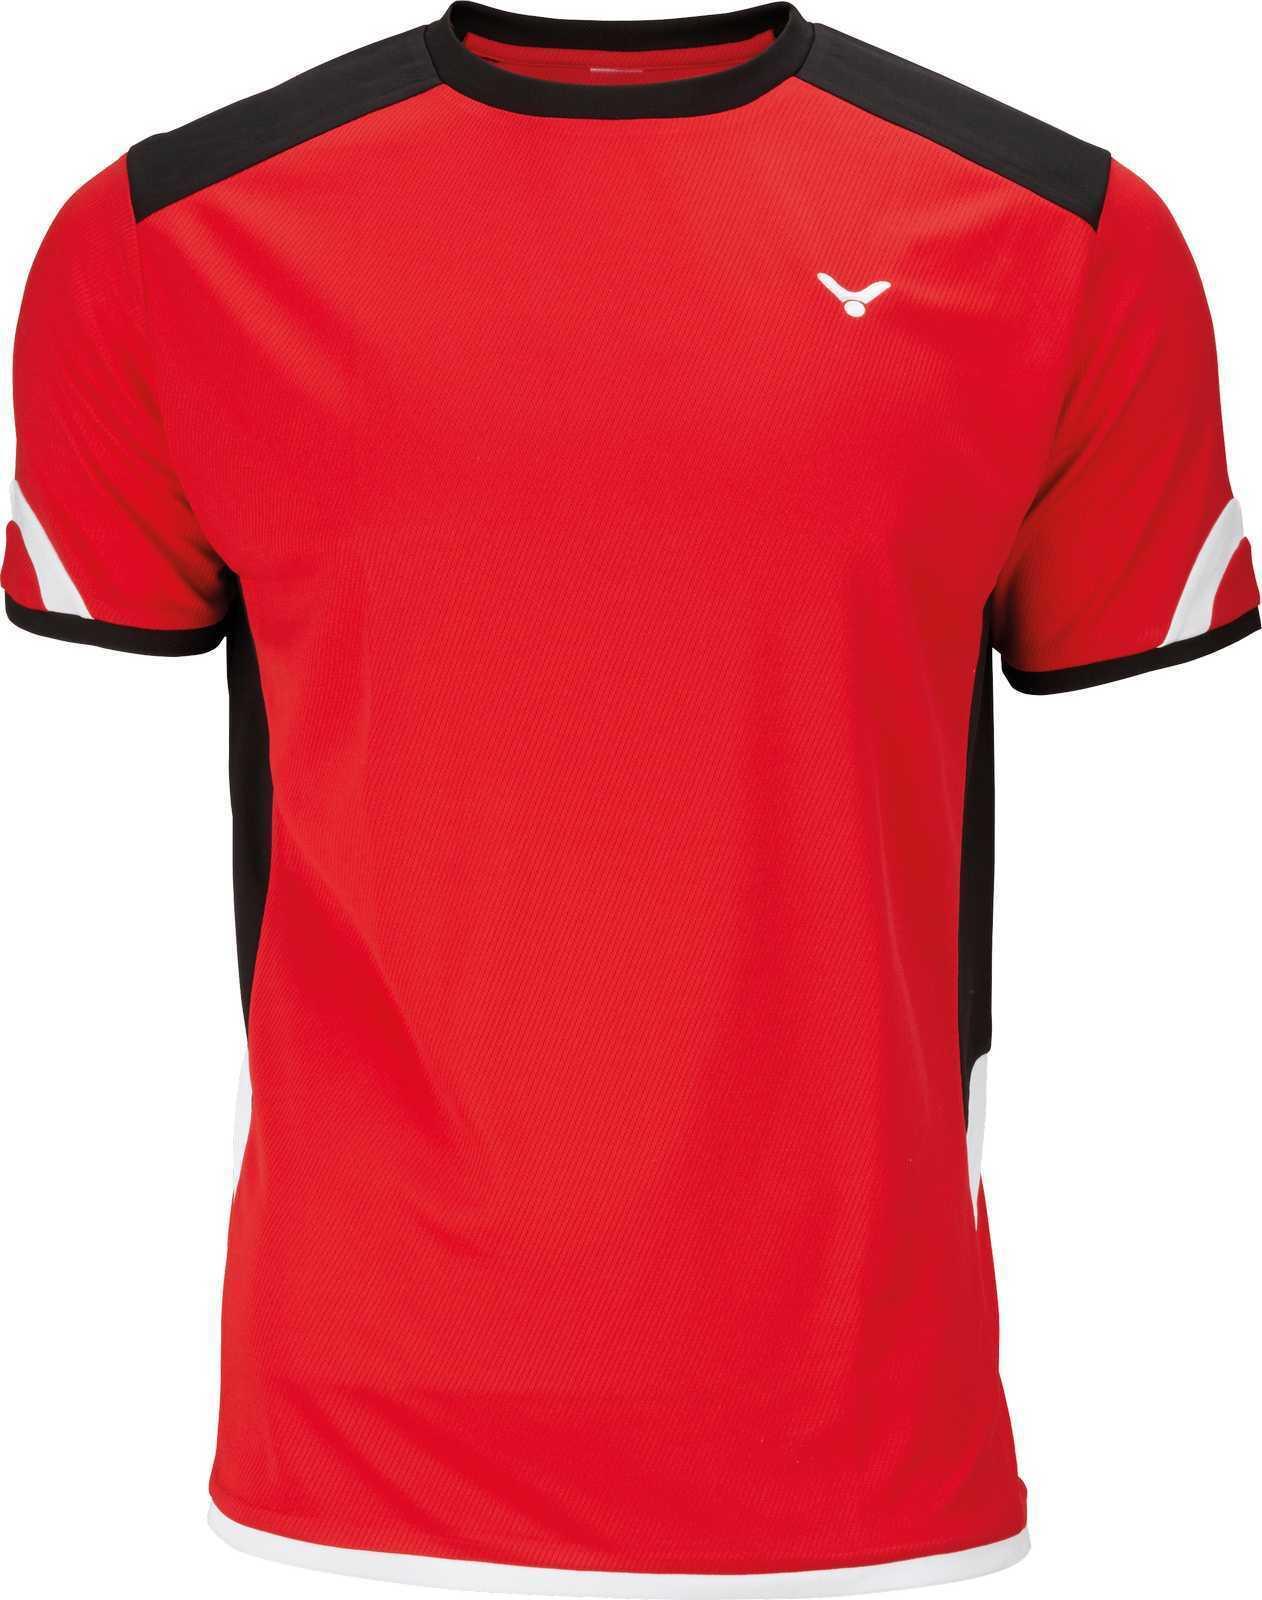 Victor Camiseta Función 6737 Bádminton tenis de MESA Camiseta